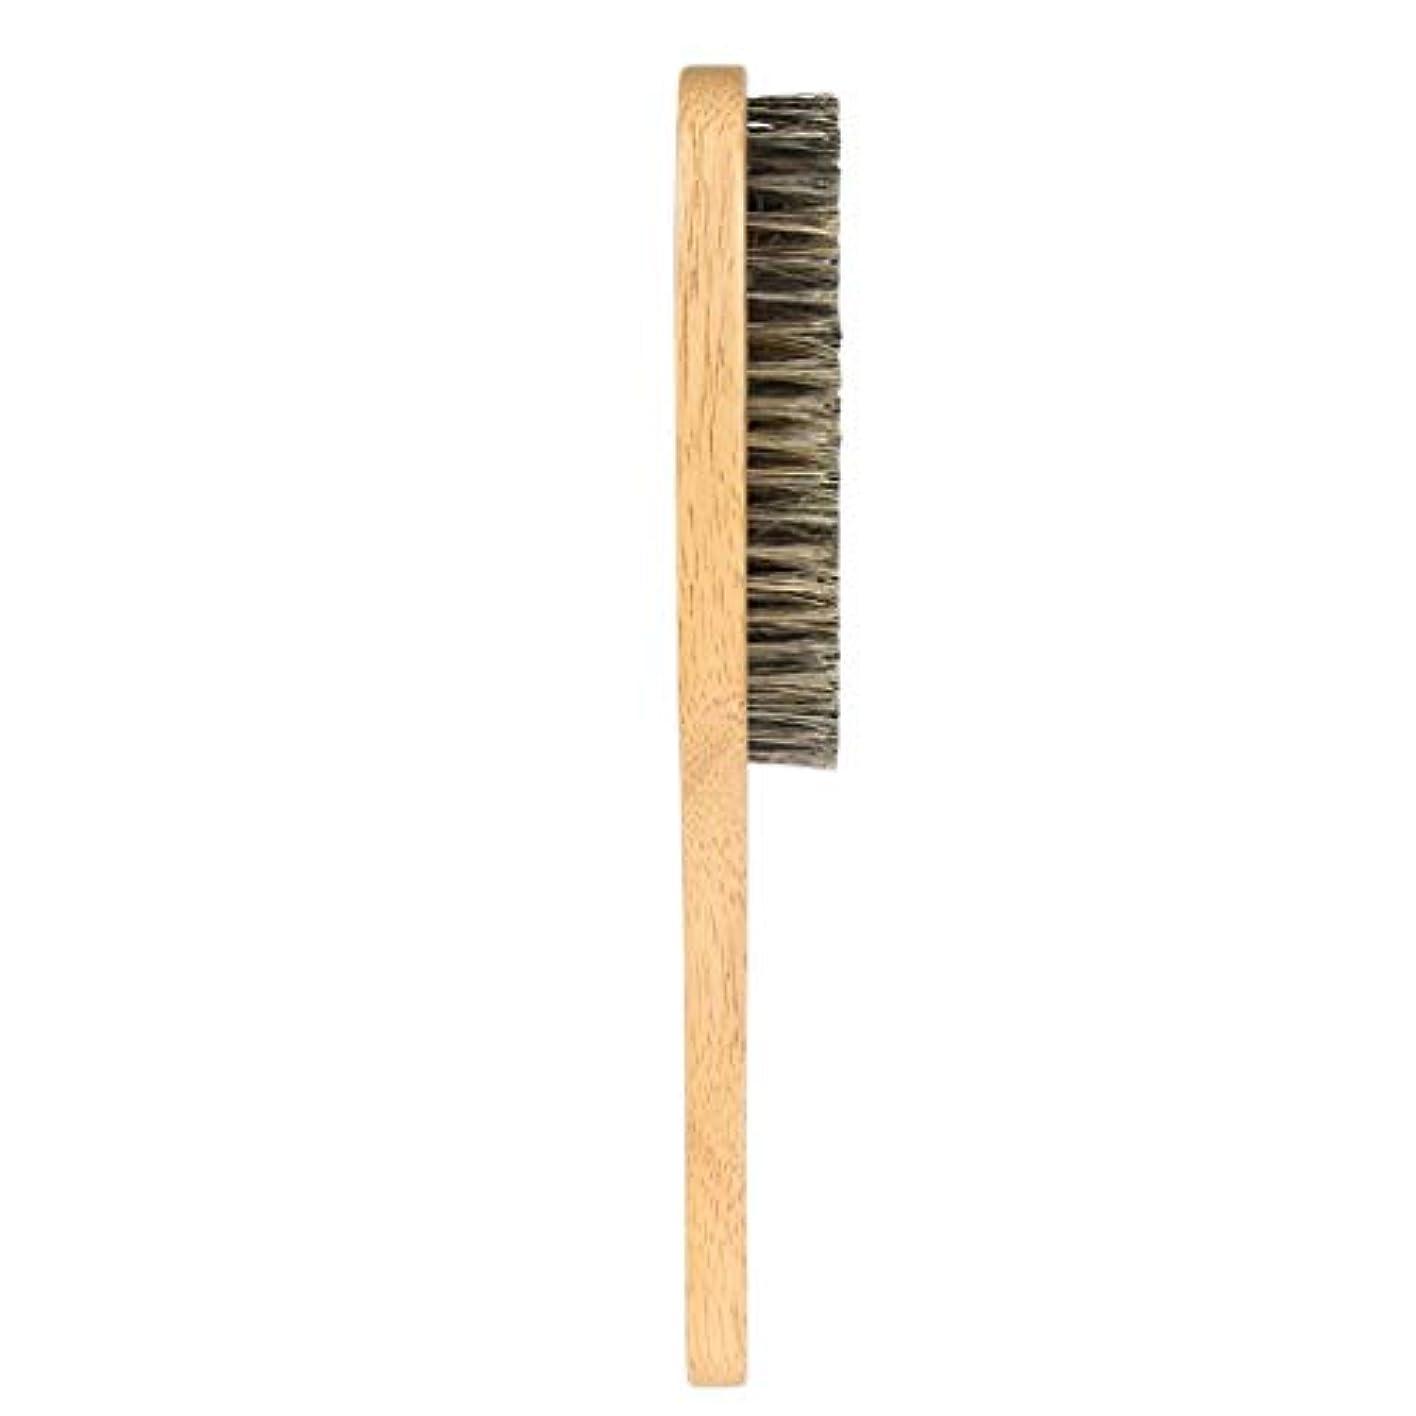 装置感嘆花弁Toygogo 男性合成繊維ひげ口ひげブラシ顔毛シェービングブラシw/ハンドル